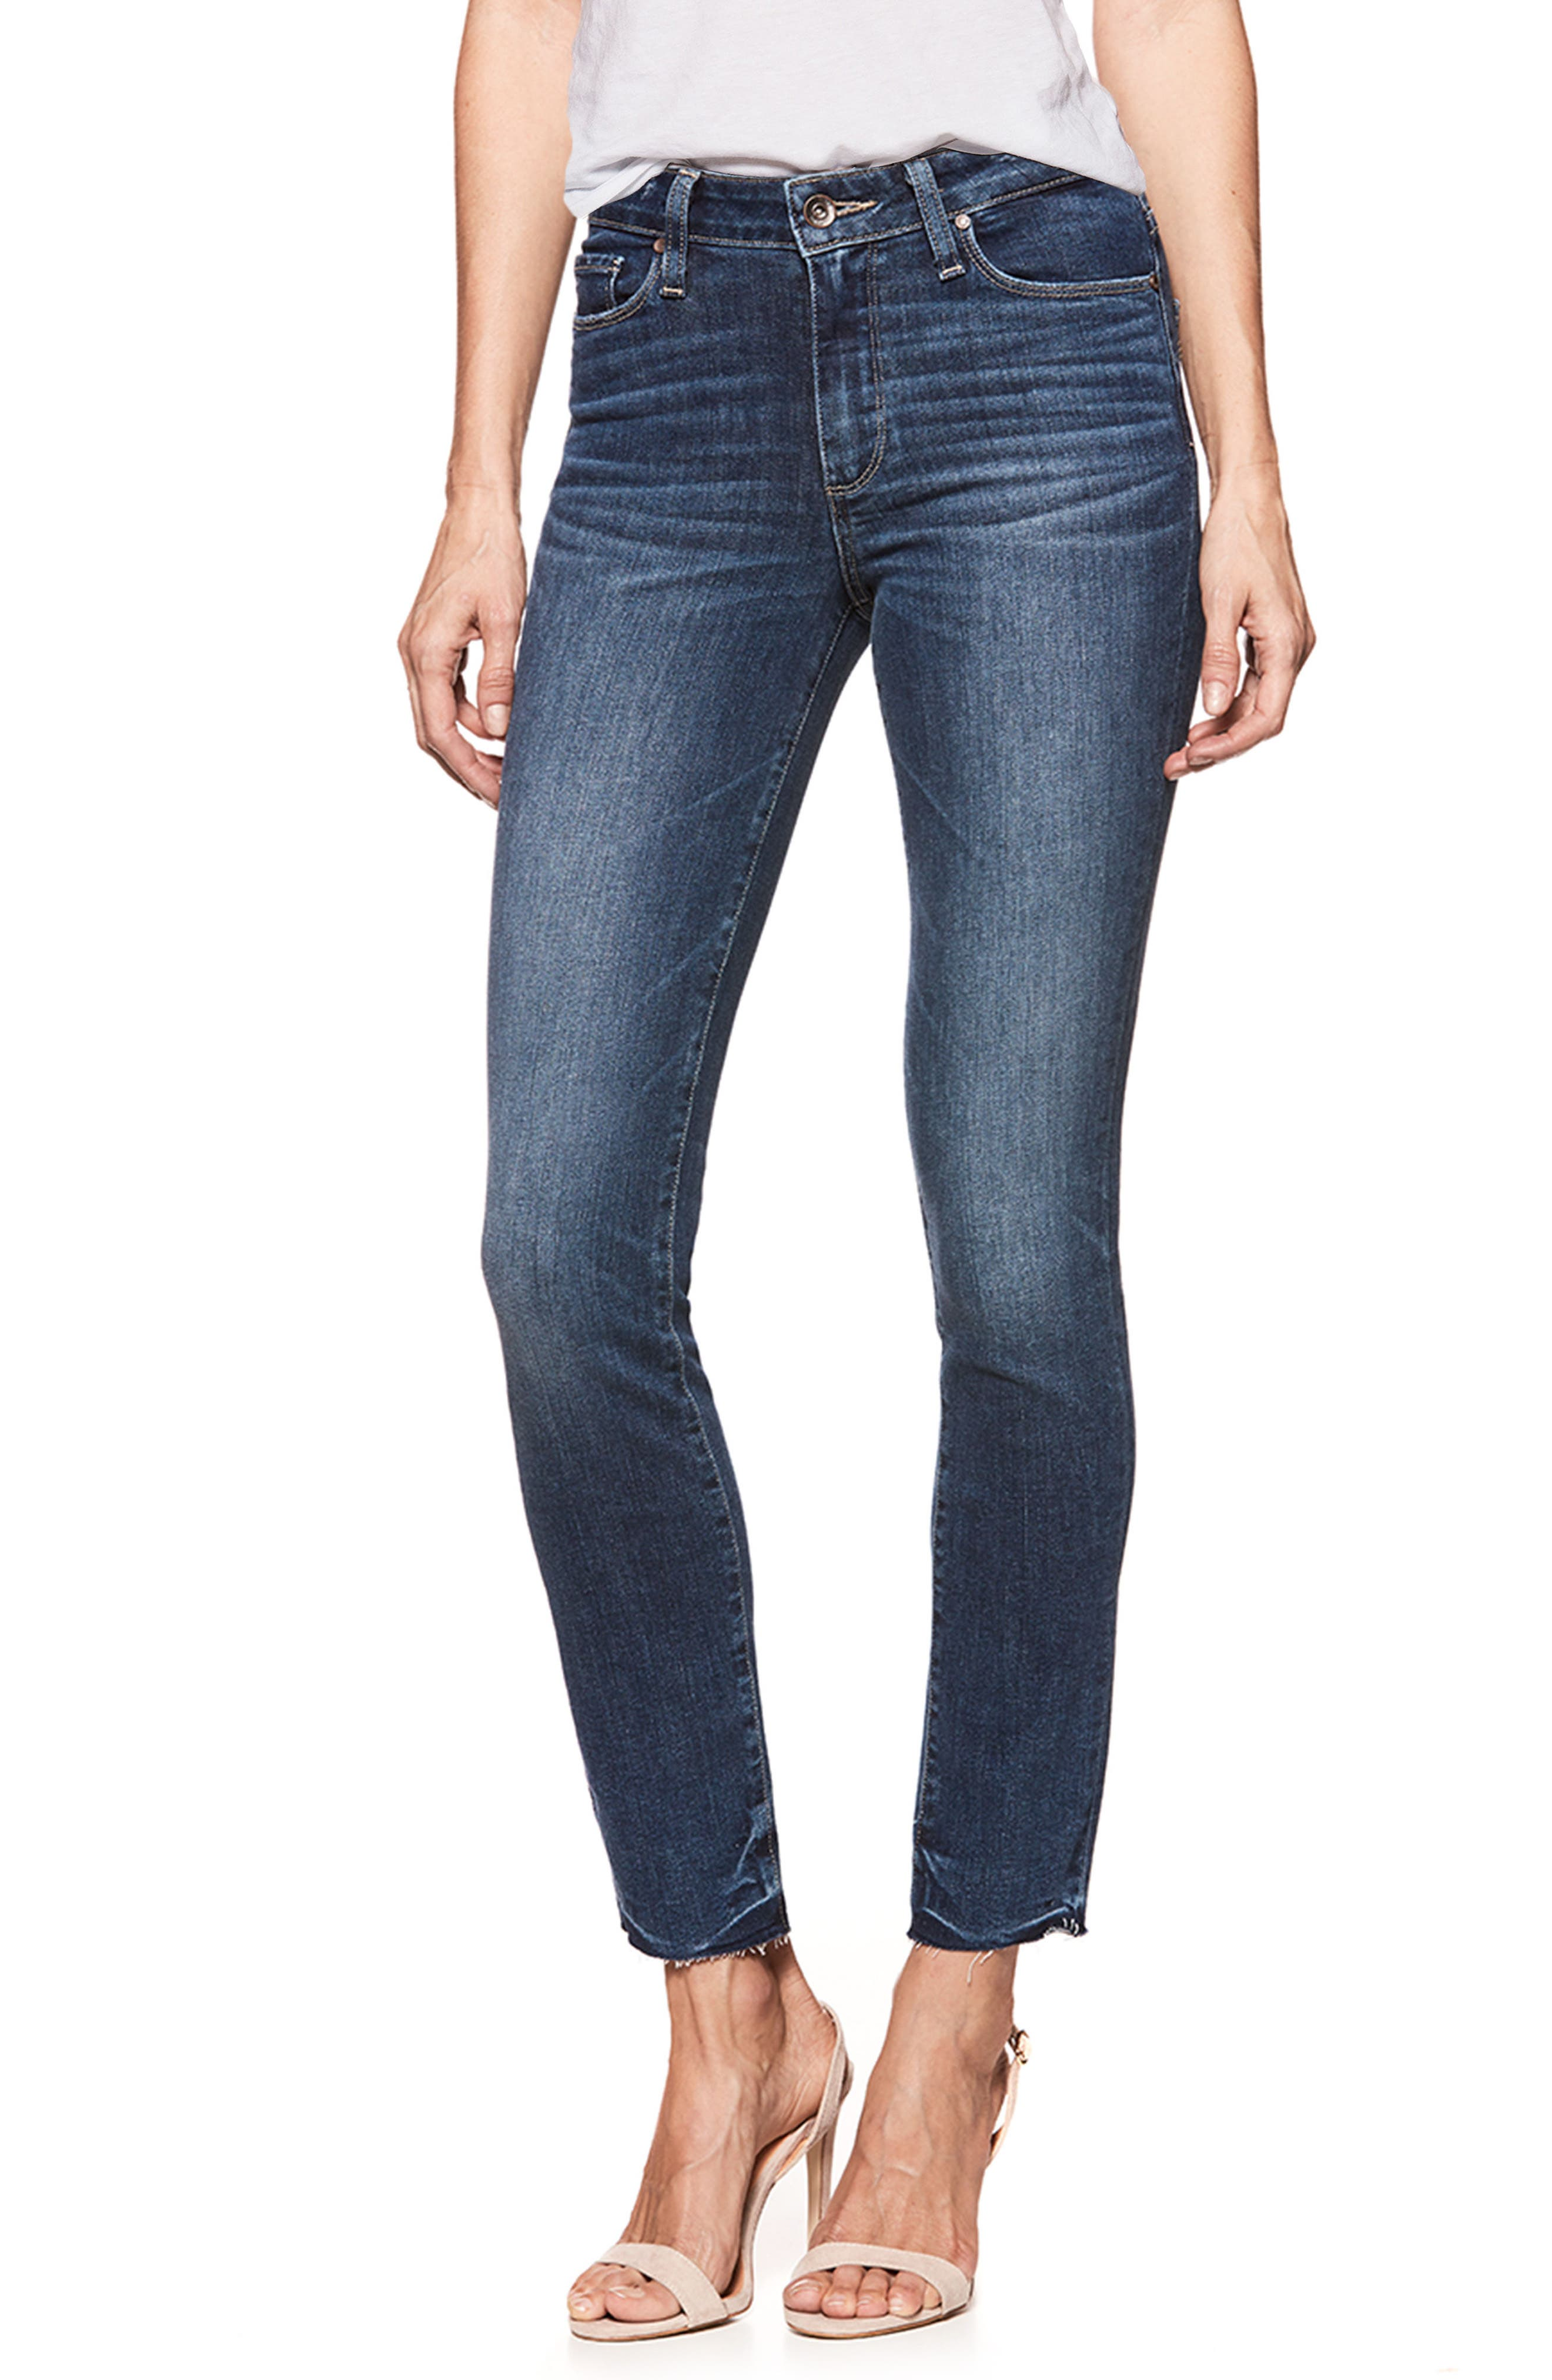 Transcend Vintage - Hoxton High Waist Ankle Peg Jeans,                         Main,                         color, Riviera